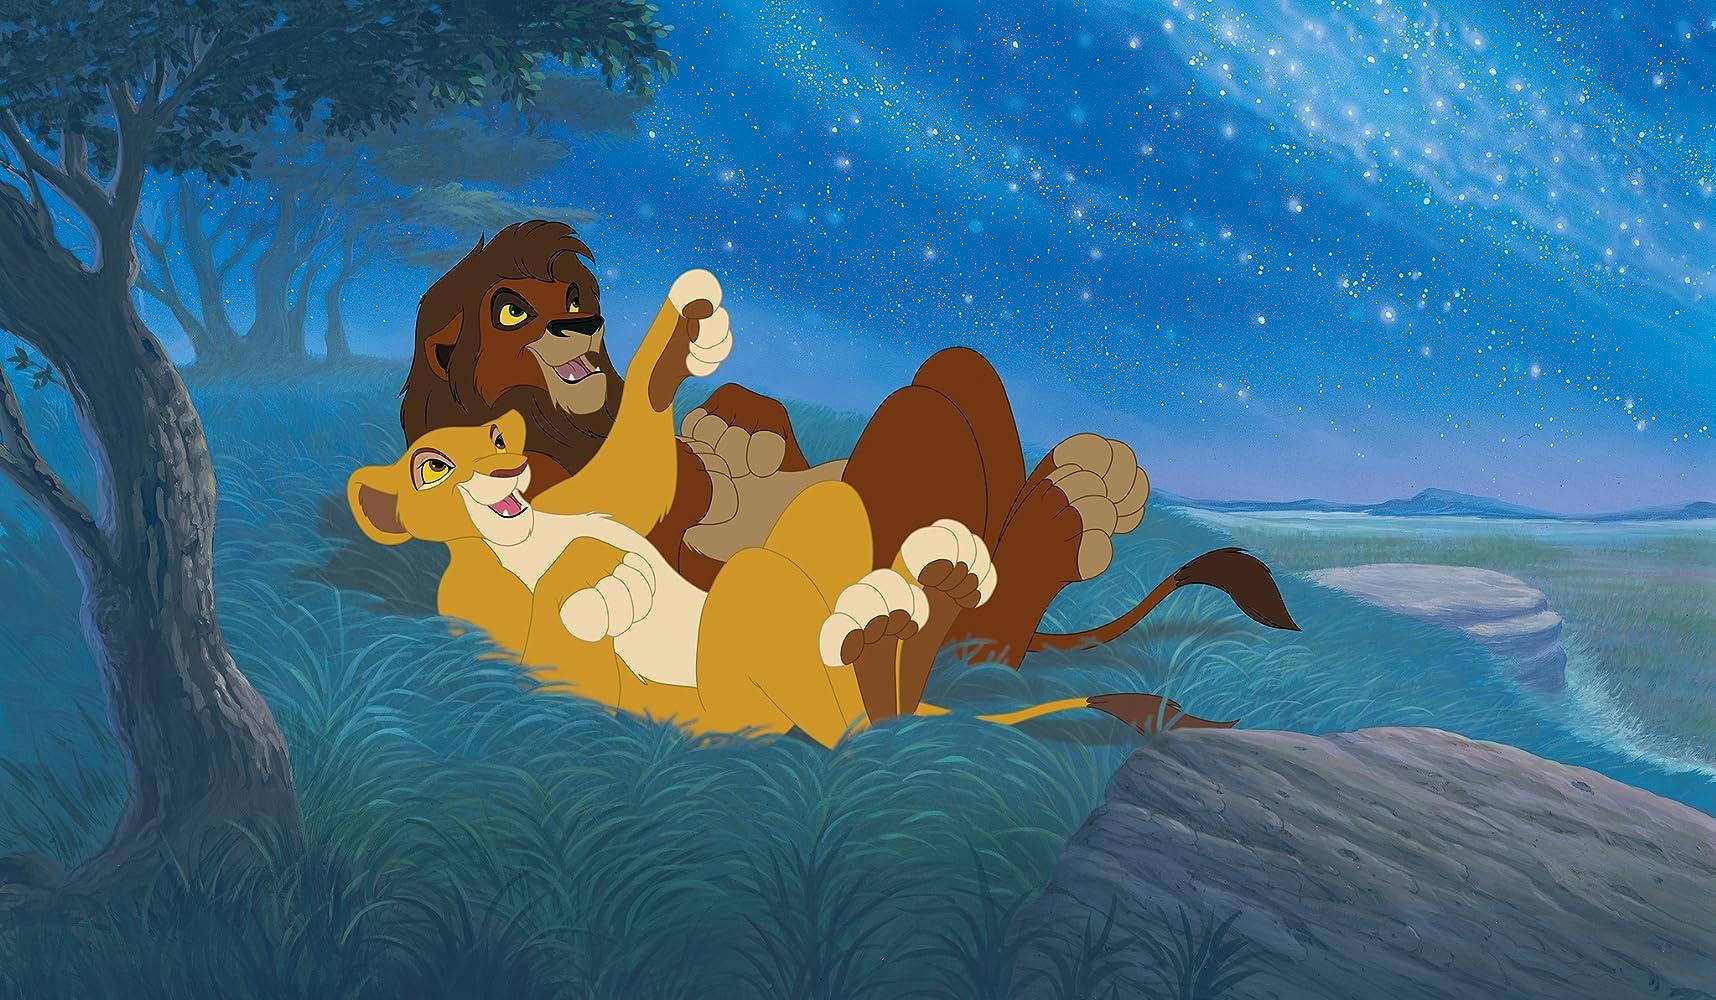 Descargar El rey león 2: El tesoro de Simba Latino por MEGA.